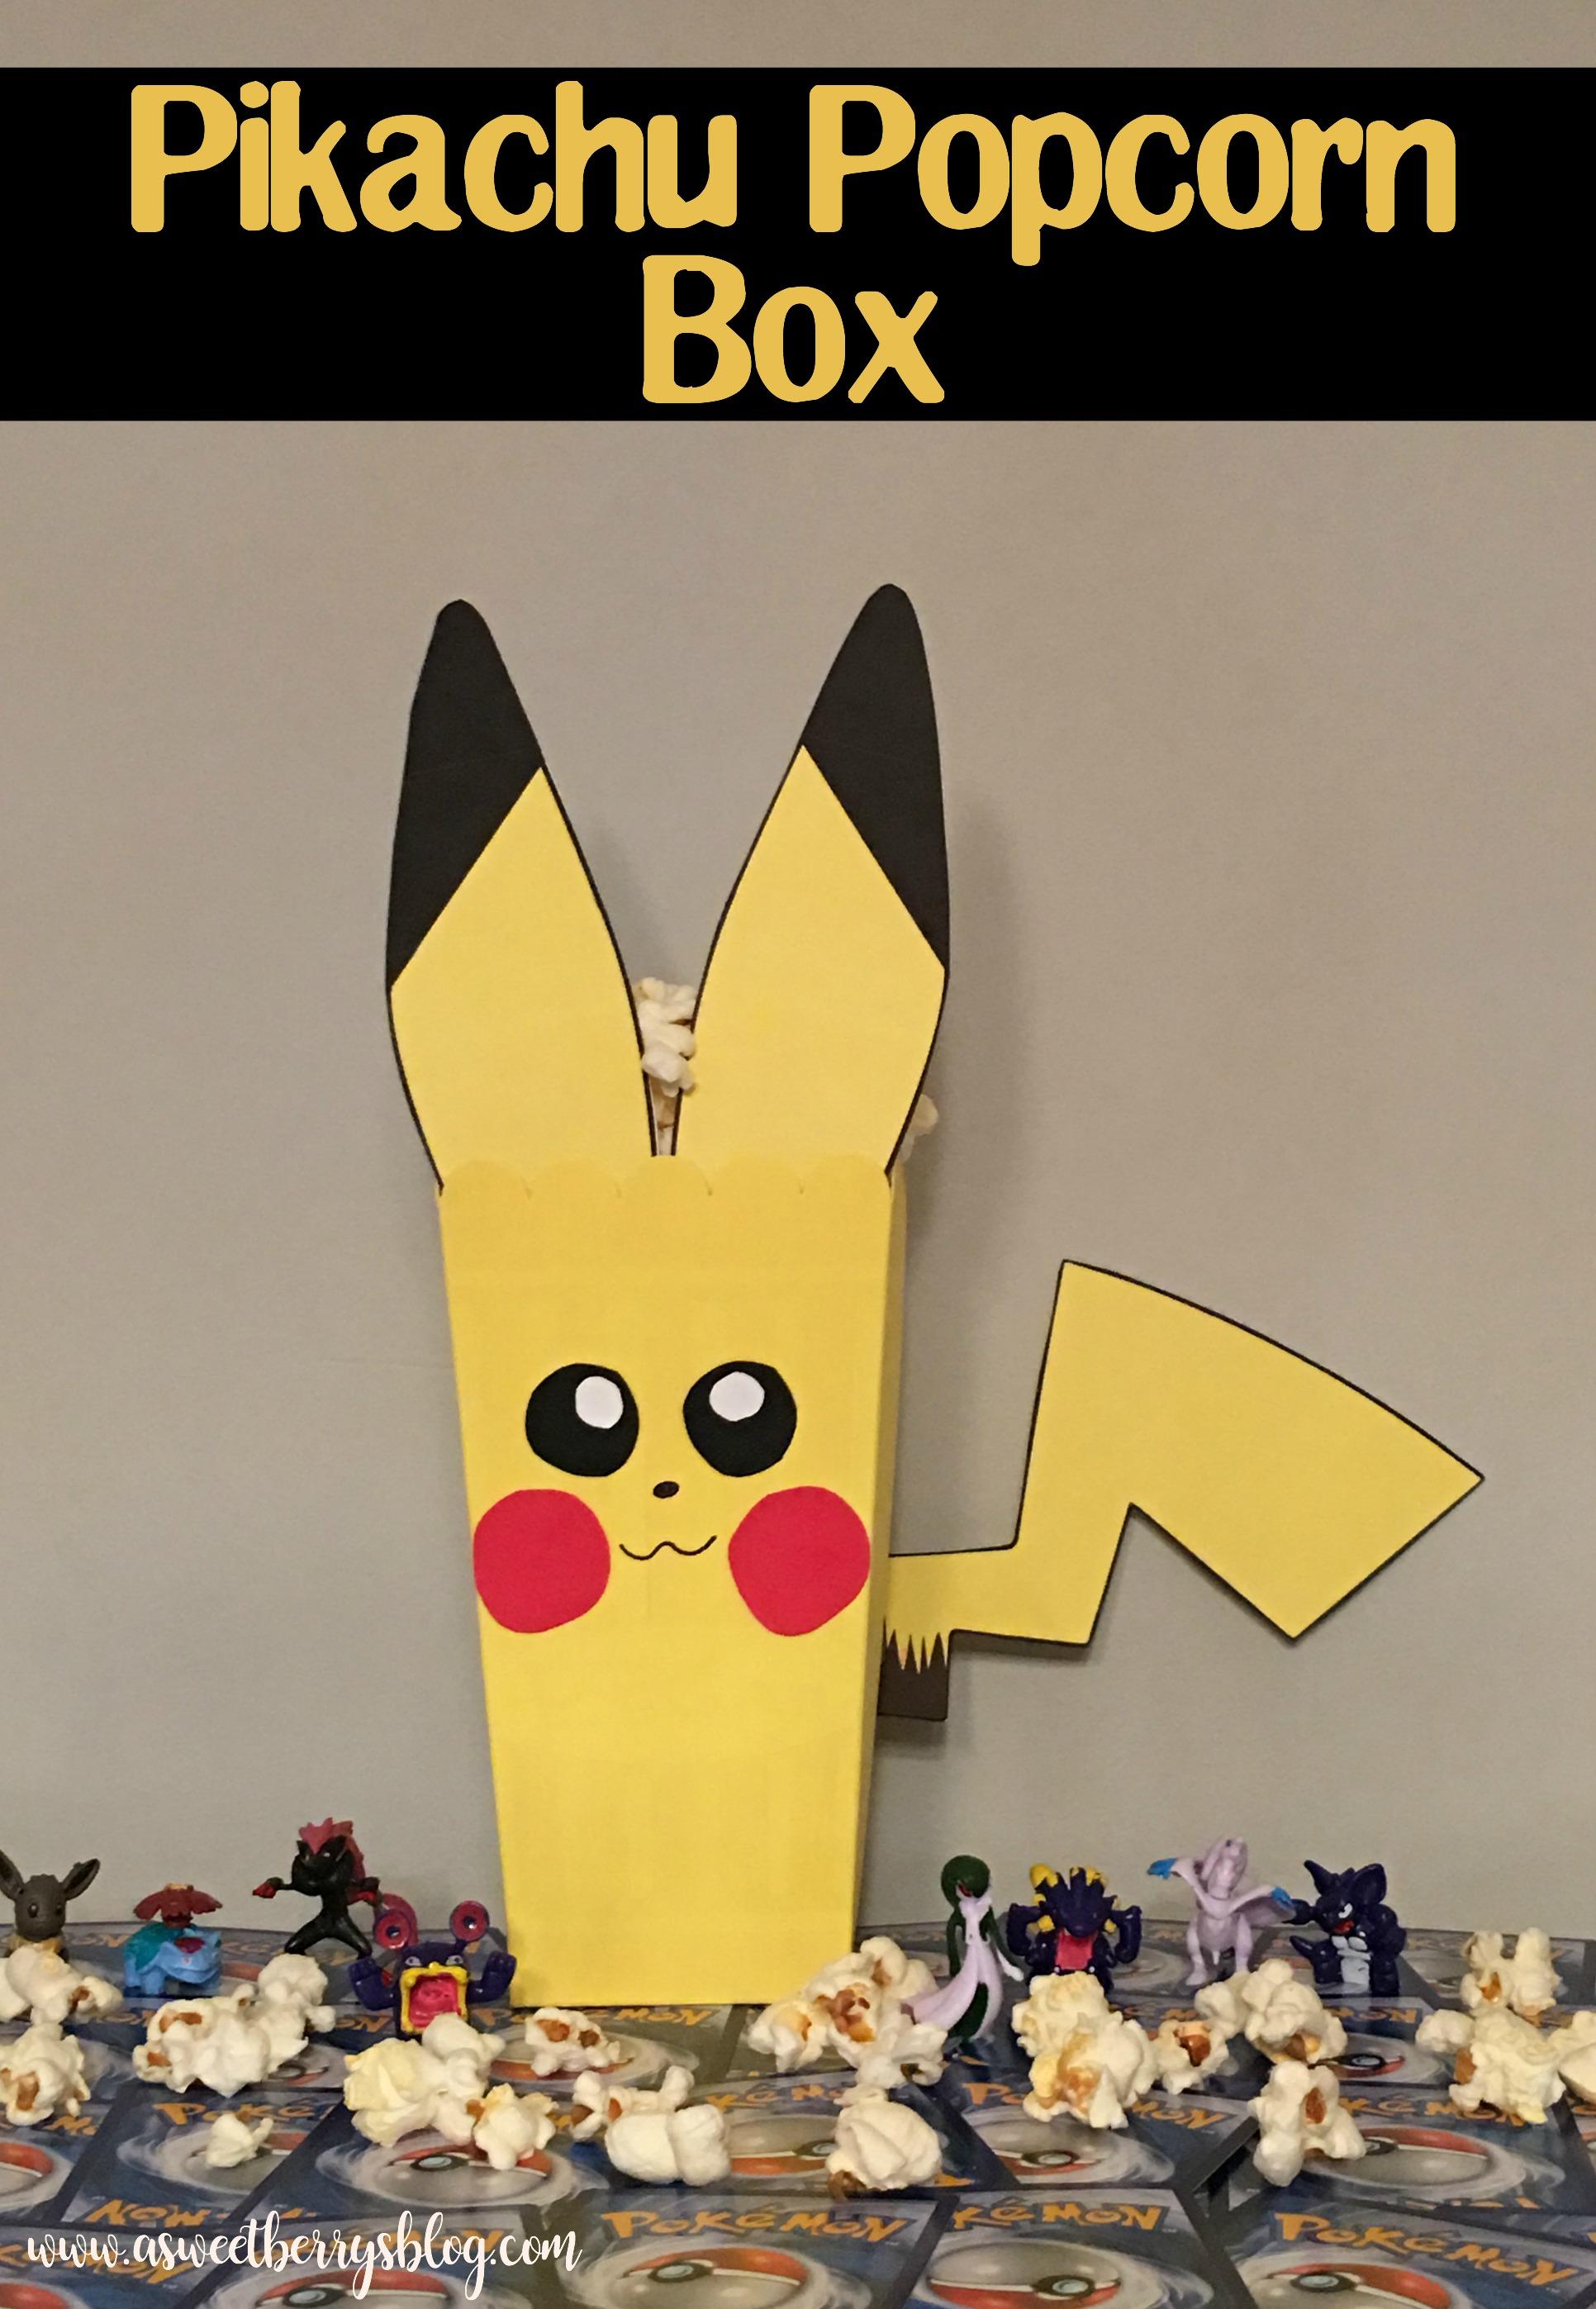 box-final